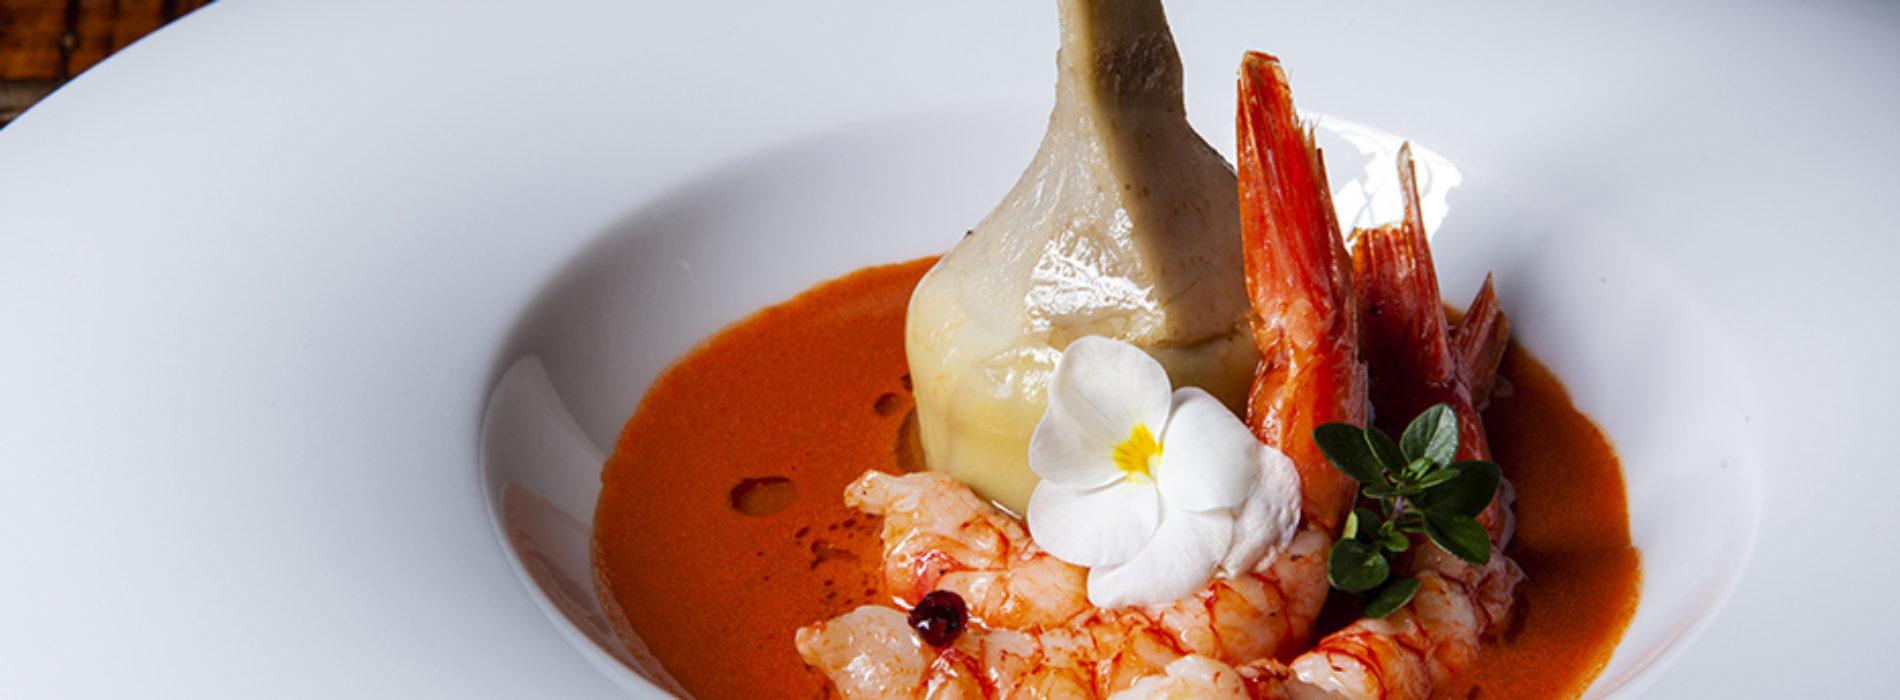 Bottega Lucia Milano, comfort food contemporaneo dallo spin off di Casa Lucia